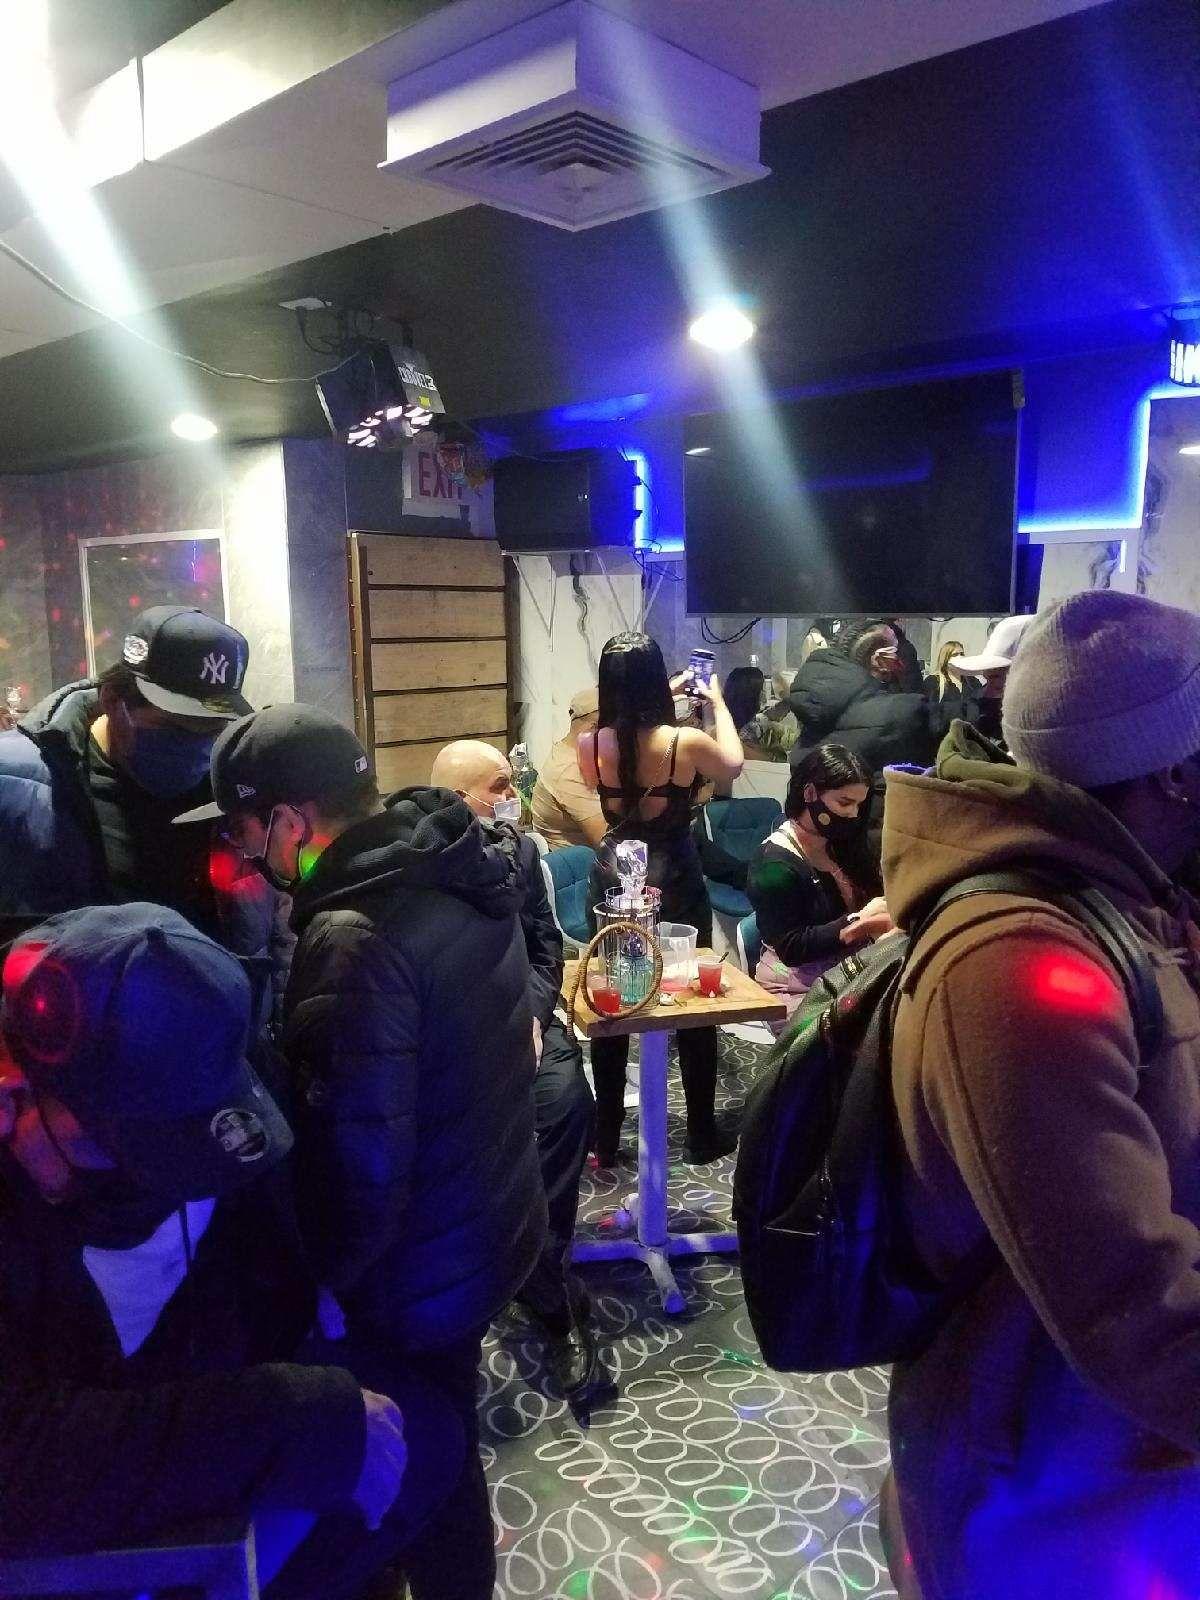 ■逾75人在木邊一間疑似非法營業的酒吧聚集。 法警提供